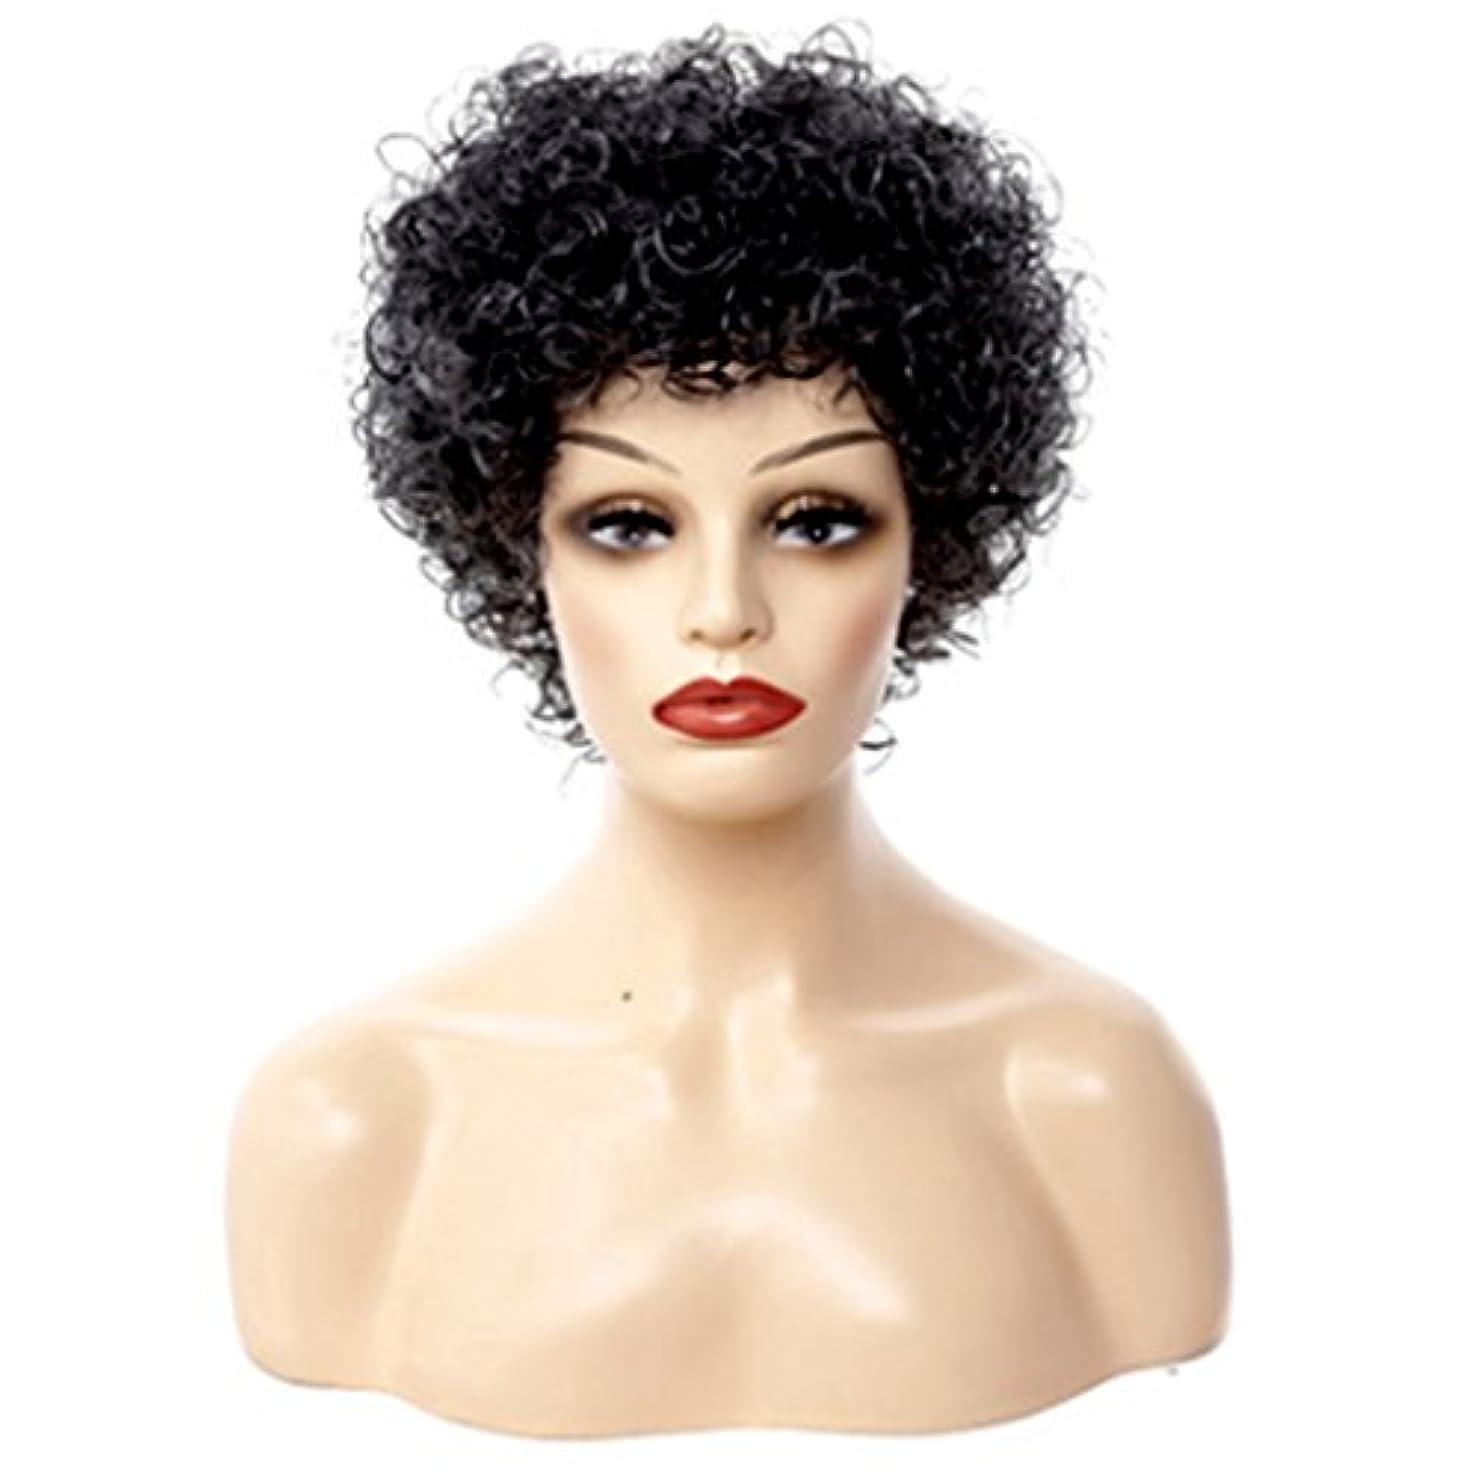 投票慣性ゆるいYOUQIU 30センチメートルナチュラル女性のかつら - 小カーリーヘア、短いバースト、色は黒と白のハーモニーウィッグのパーフェクトフィットでウィッグのための調節可能な快適な$ (色 : Black and white...